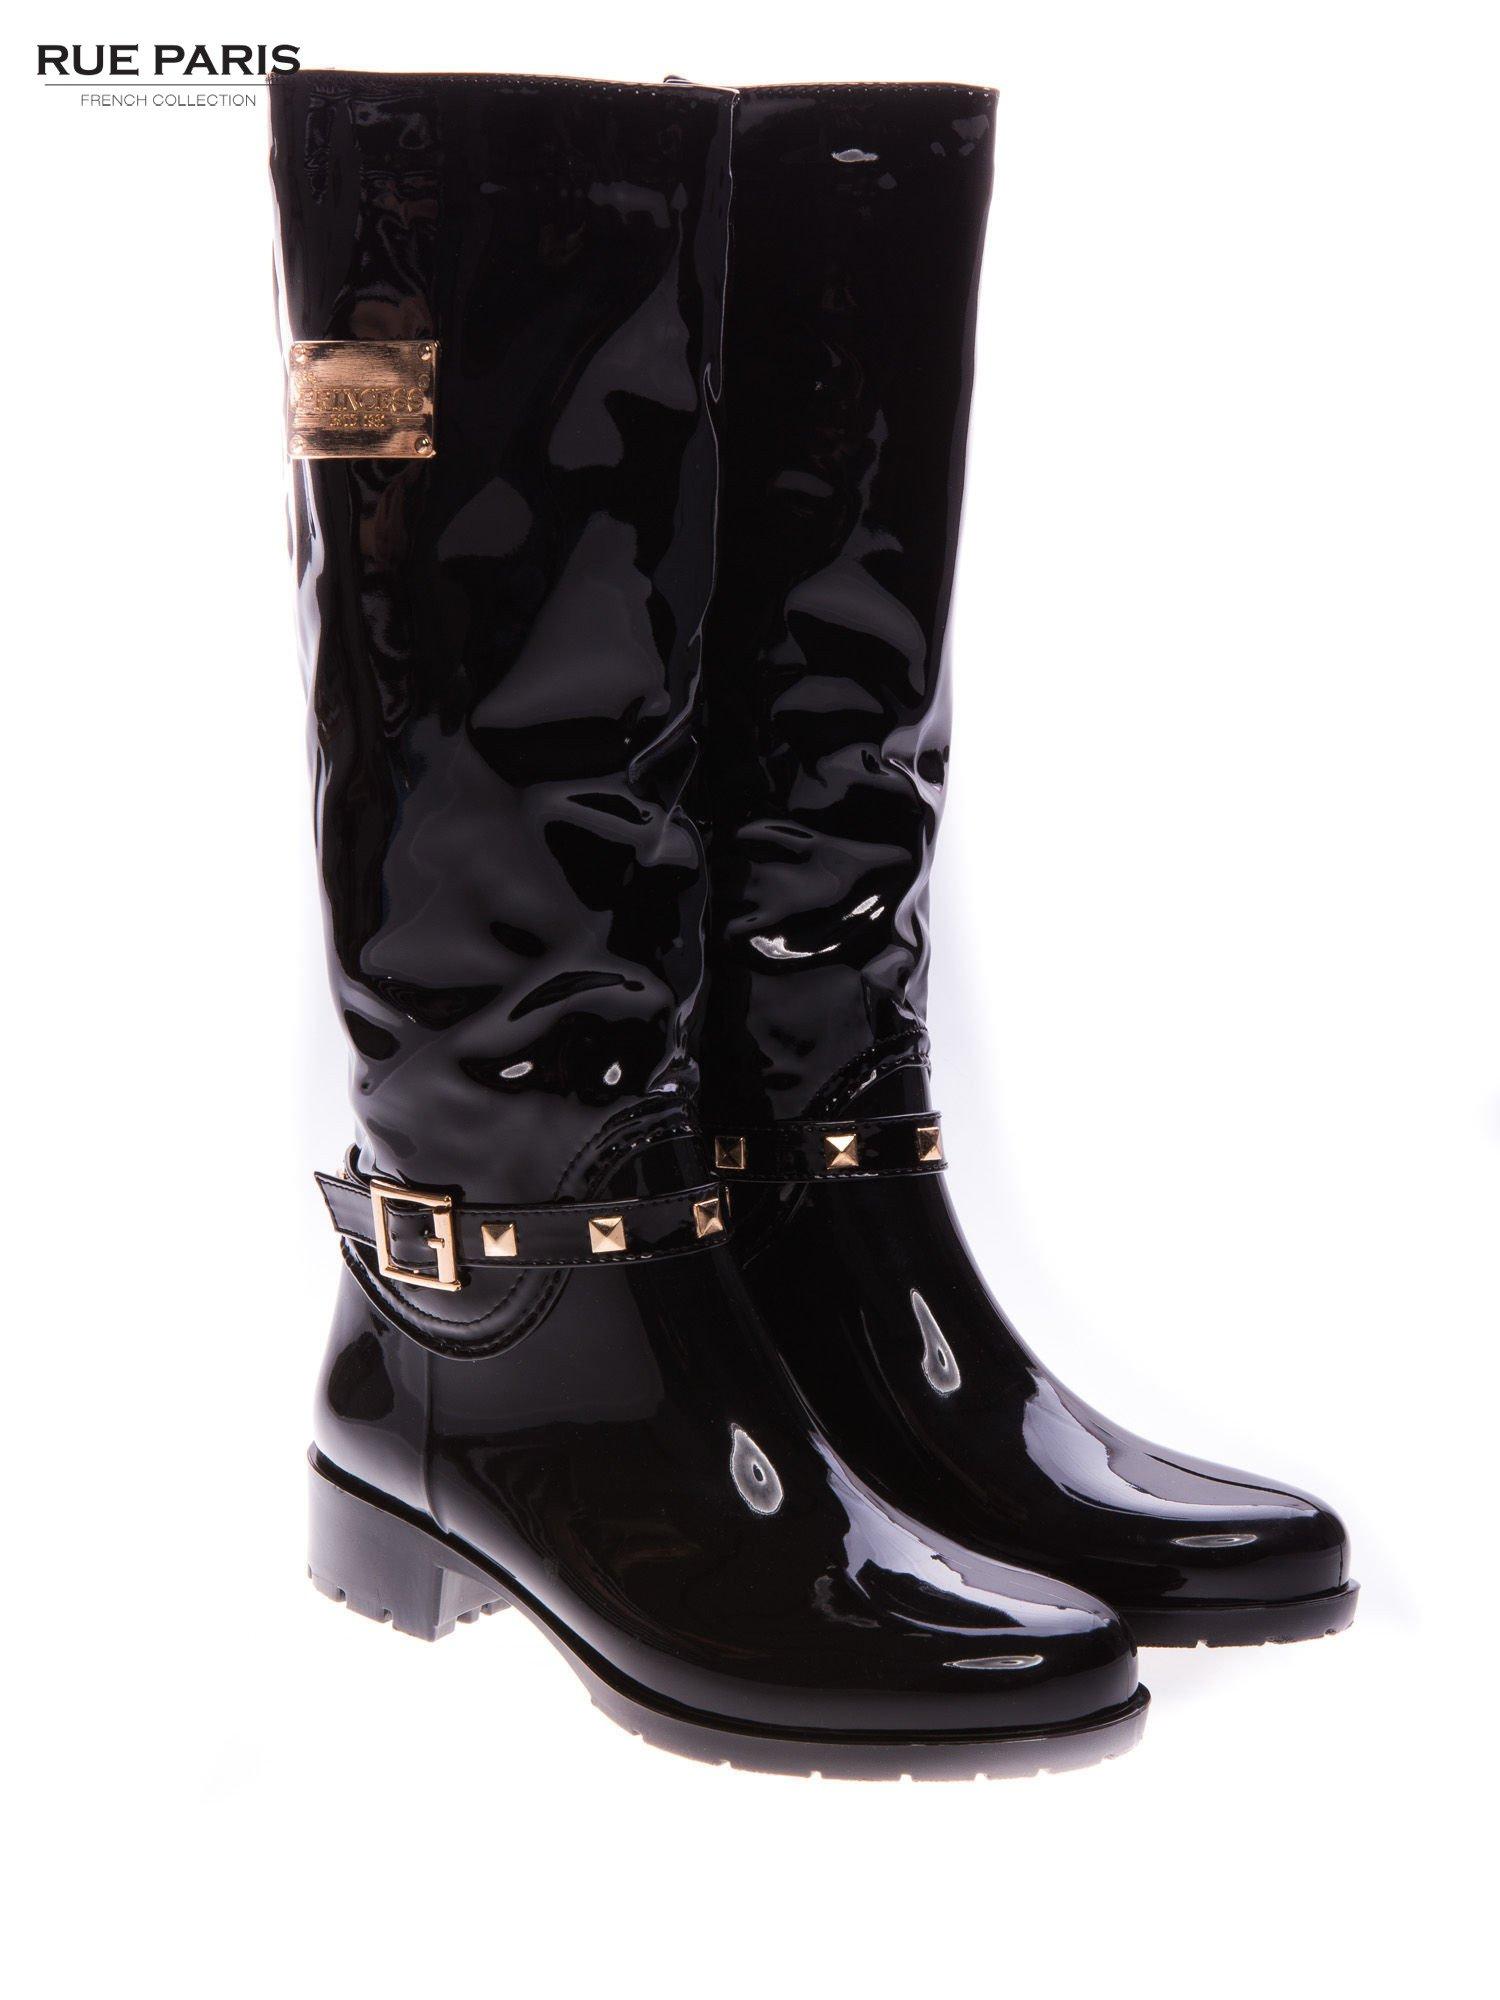 Czarne lakierowane kalosze ze złotą klamerką w stylu biker shoes                                  zdj.                                  2